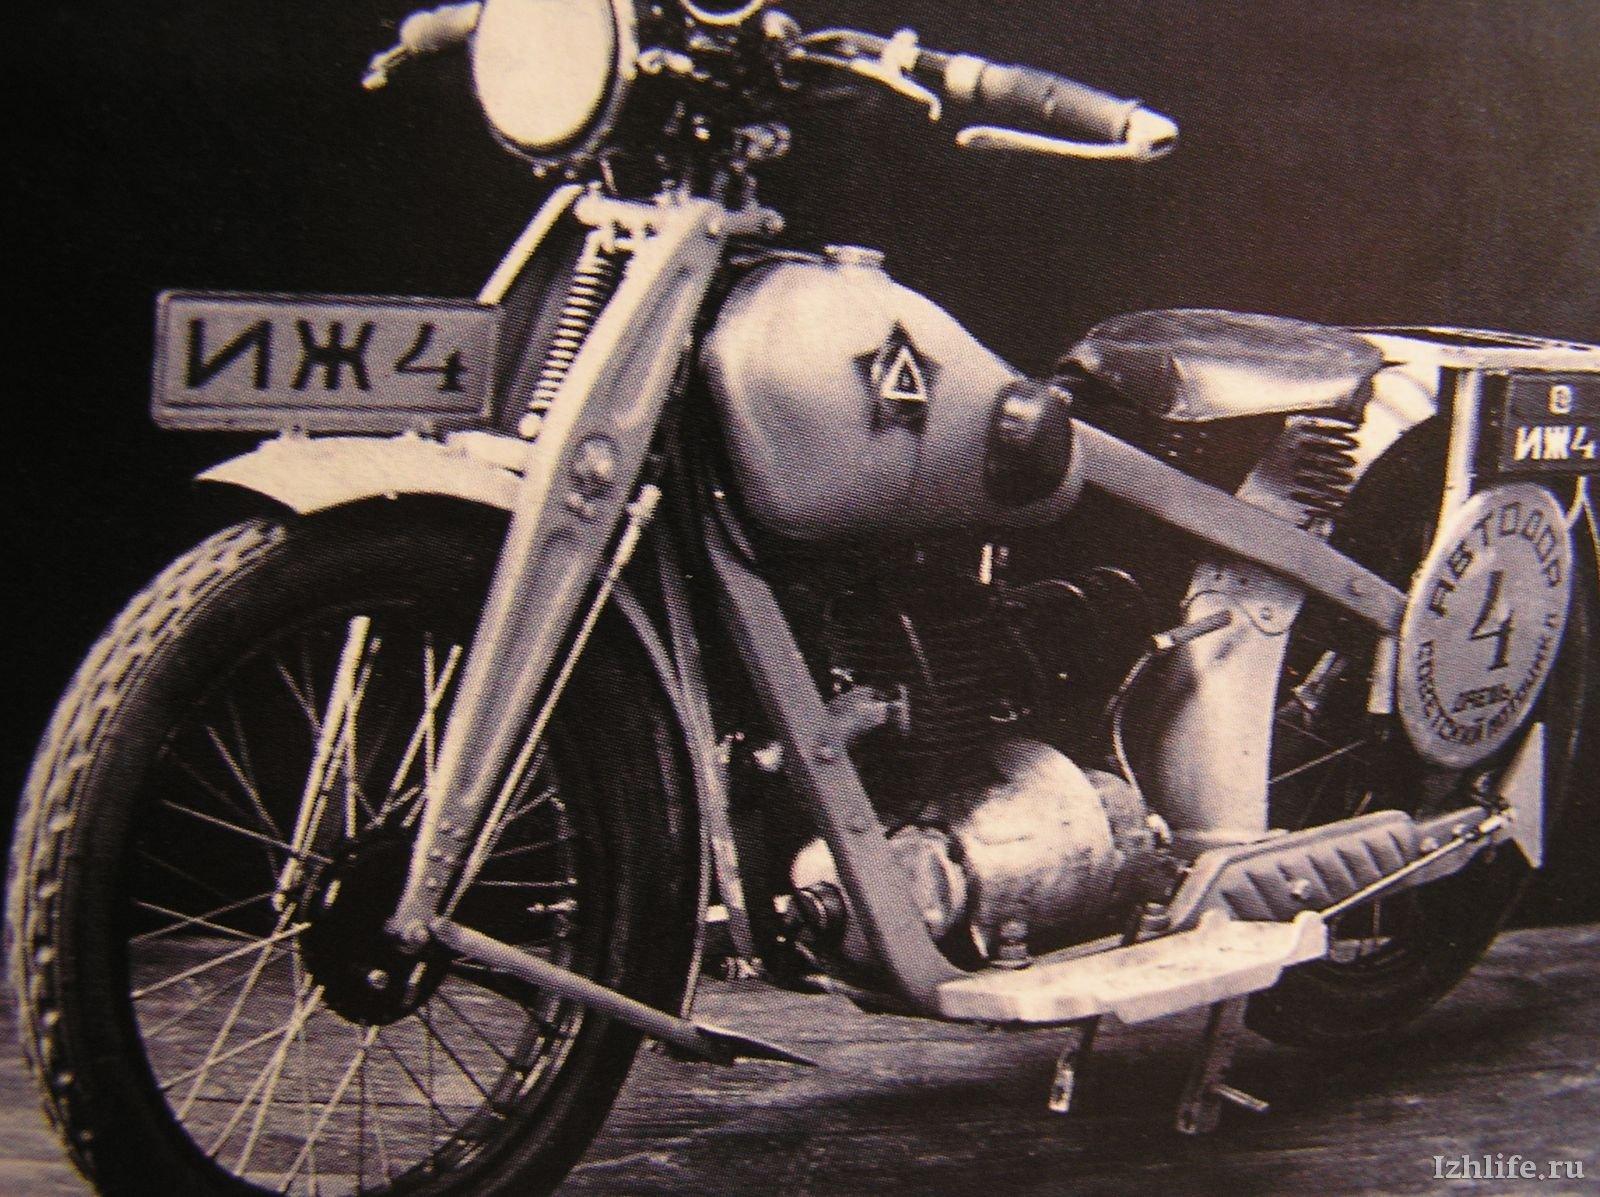 Завод ижевск мотоциклы фото 2